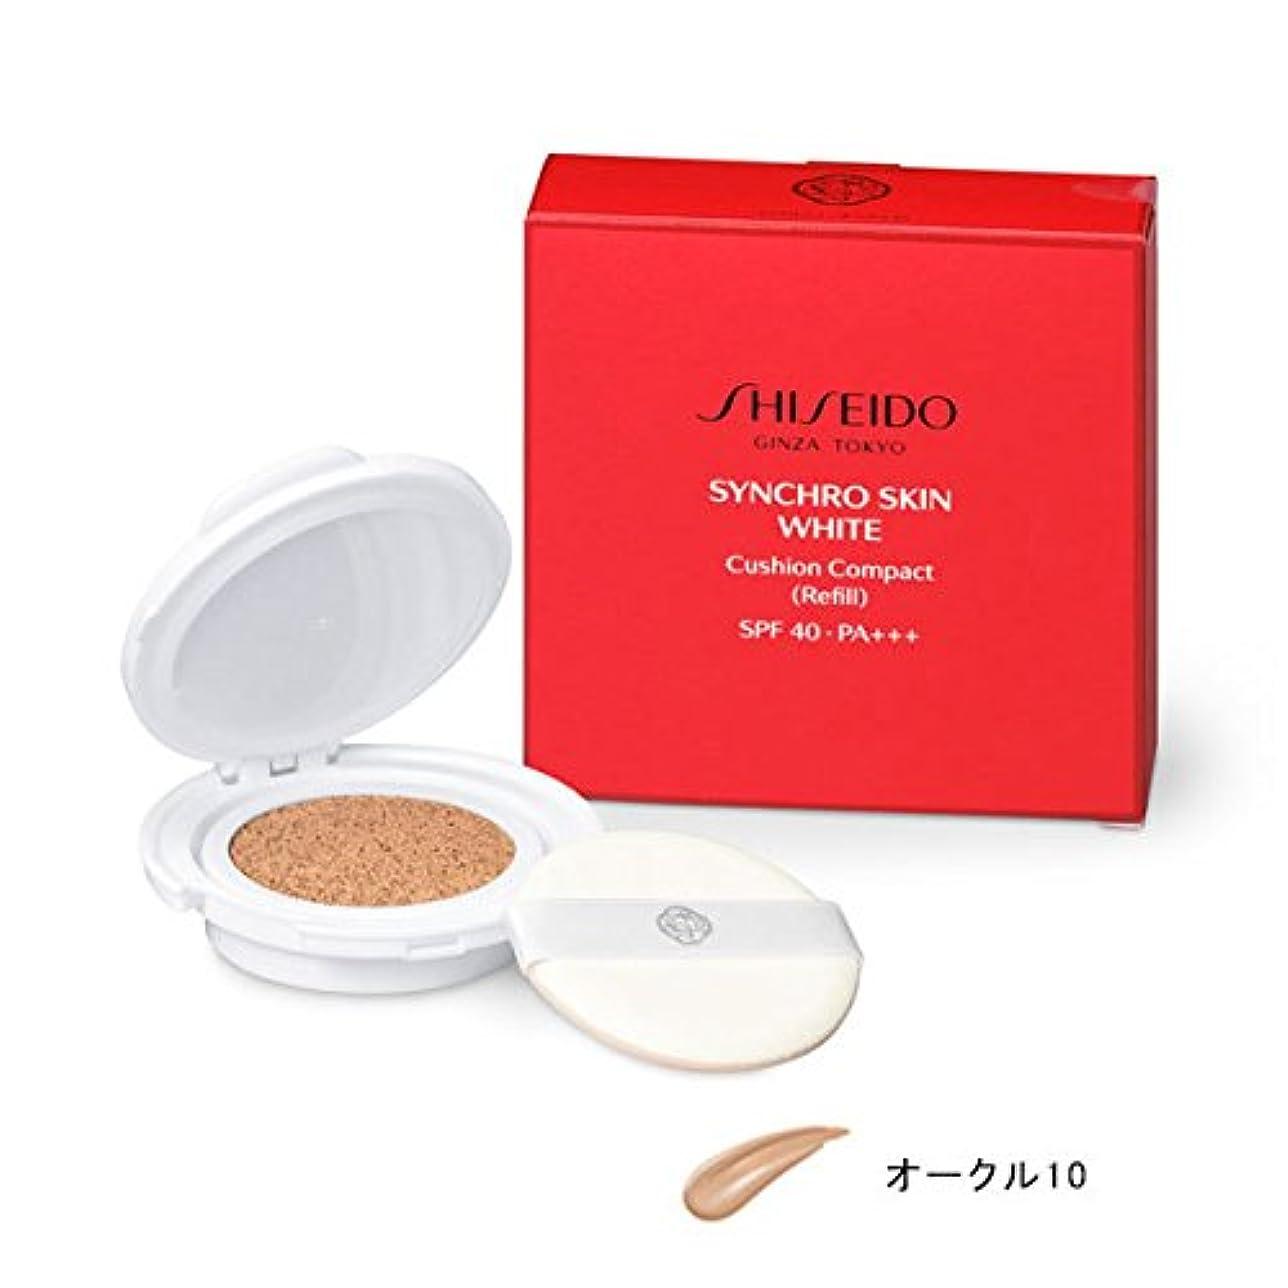 タバコ脚ディンカルビルSHISEIDO Makeup(資生堂 メーキャップ) SHISEIDO(資生堂) シンクロスキン ホワイト クッションコンパクト WT レフィル(医薬部外品) (オークル10)